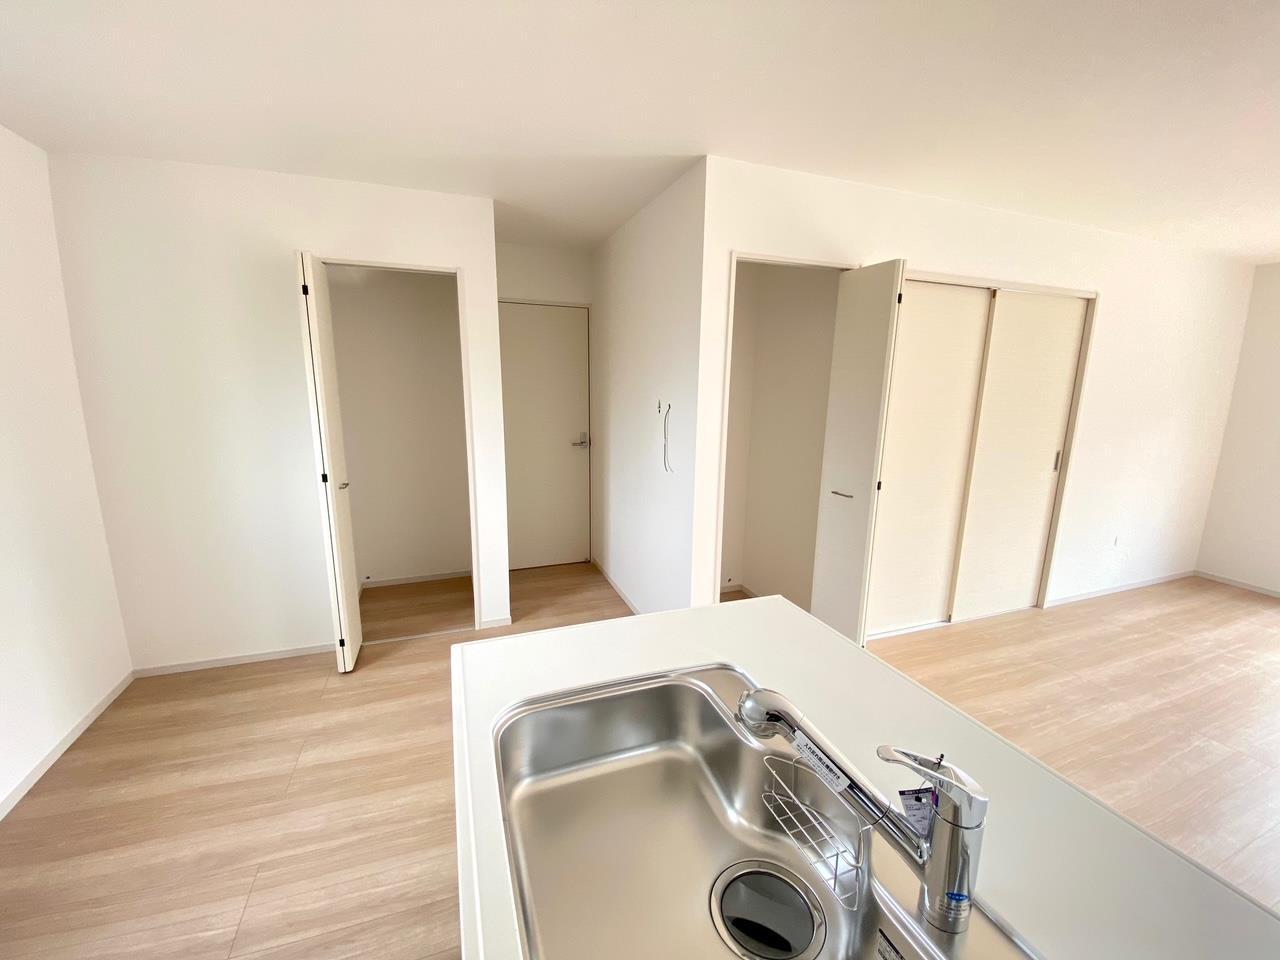 キッチン*2号棟 パントリー/調理道具や食材を保管できるキッチンパントリー付き♪/大容量のパントリーです♪